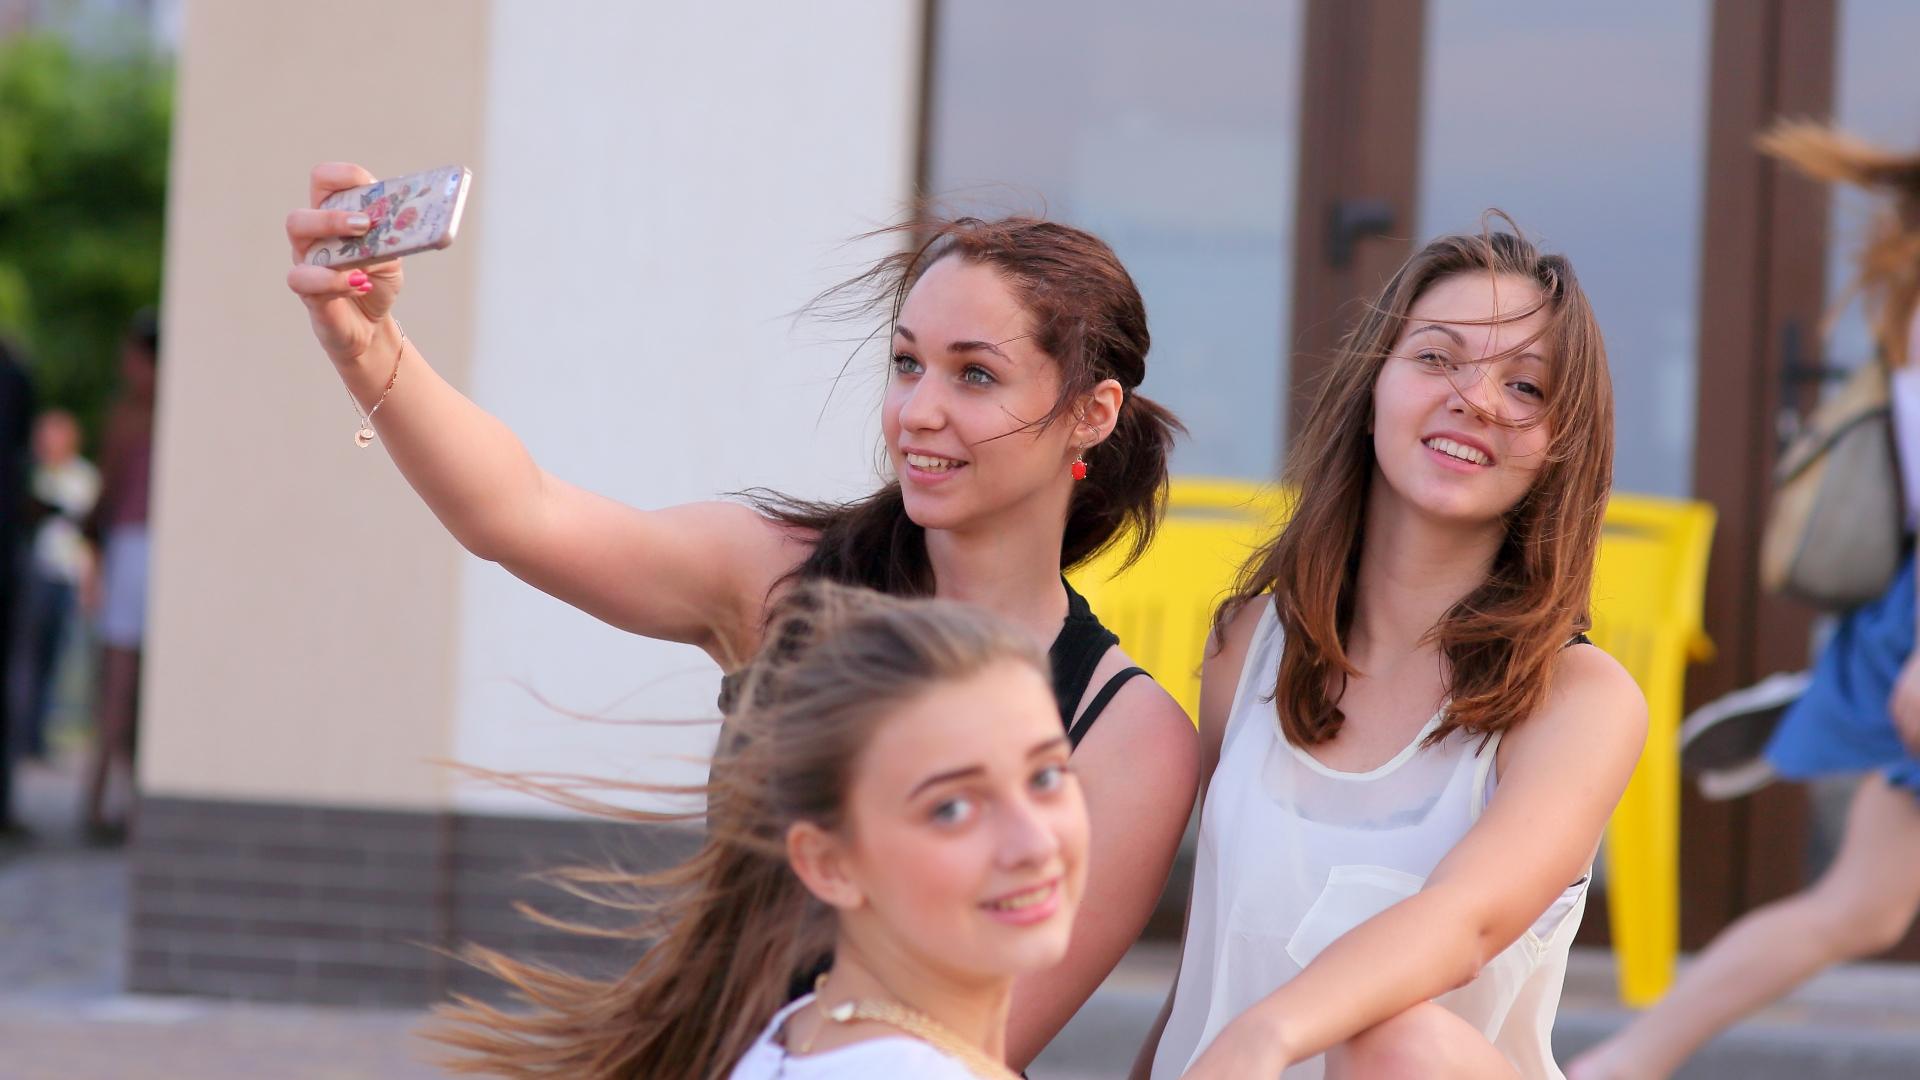 Selfie de chicas bellas - 1920x1080